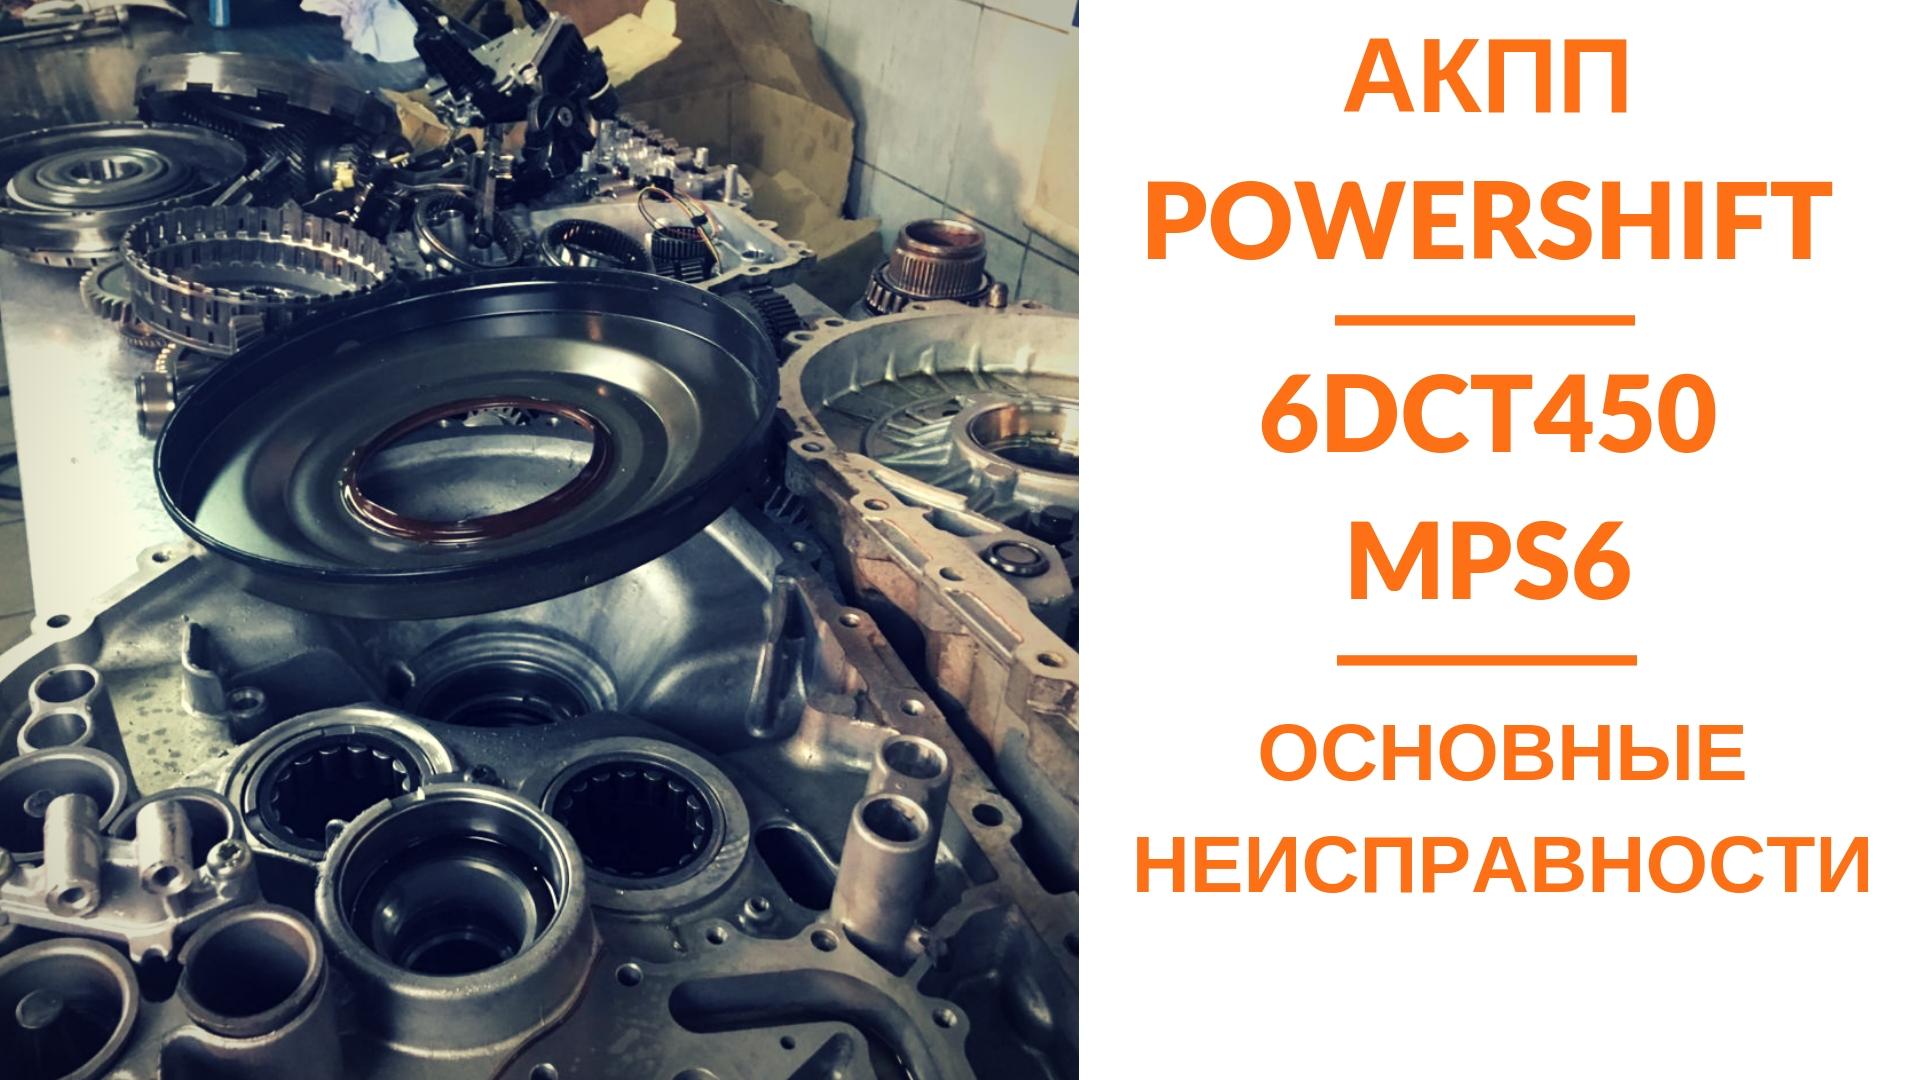 ремонт PowerShift 6DCT450 MPS6